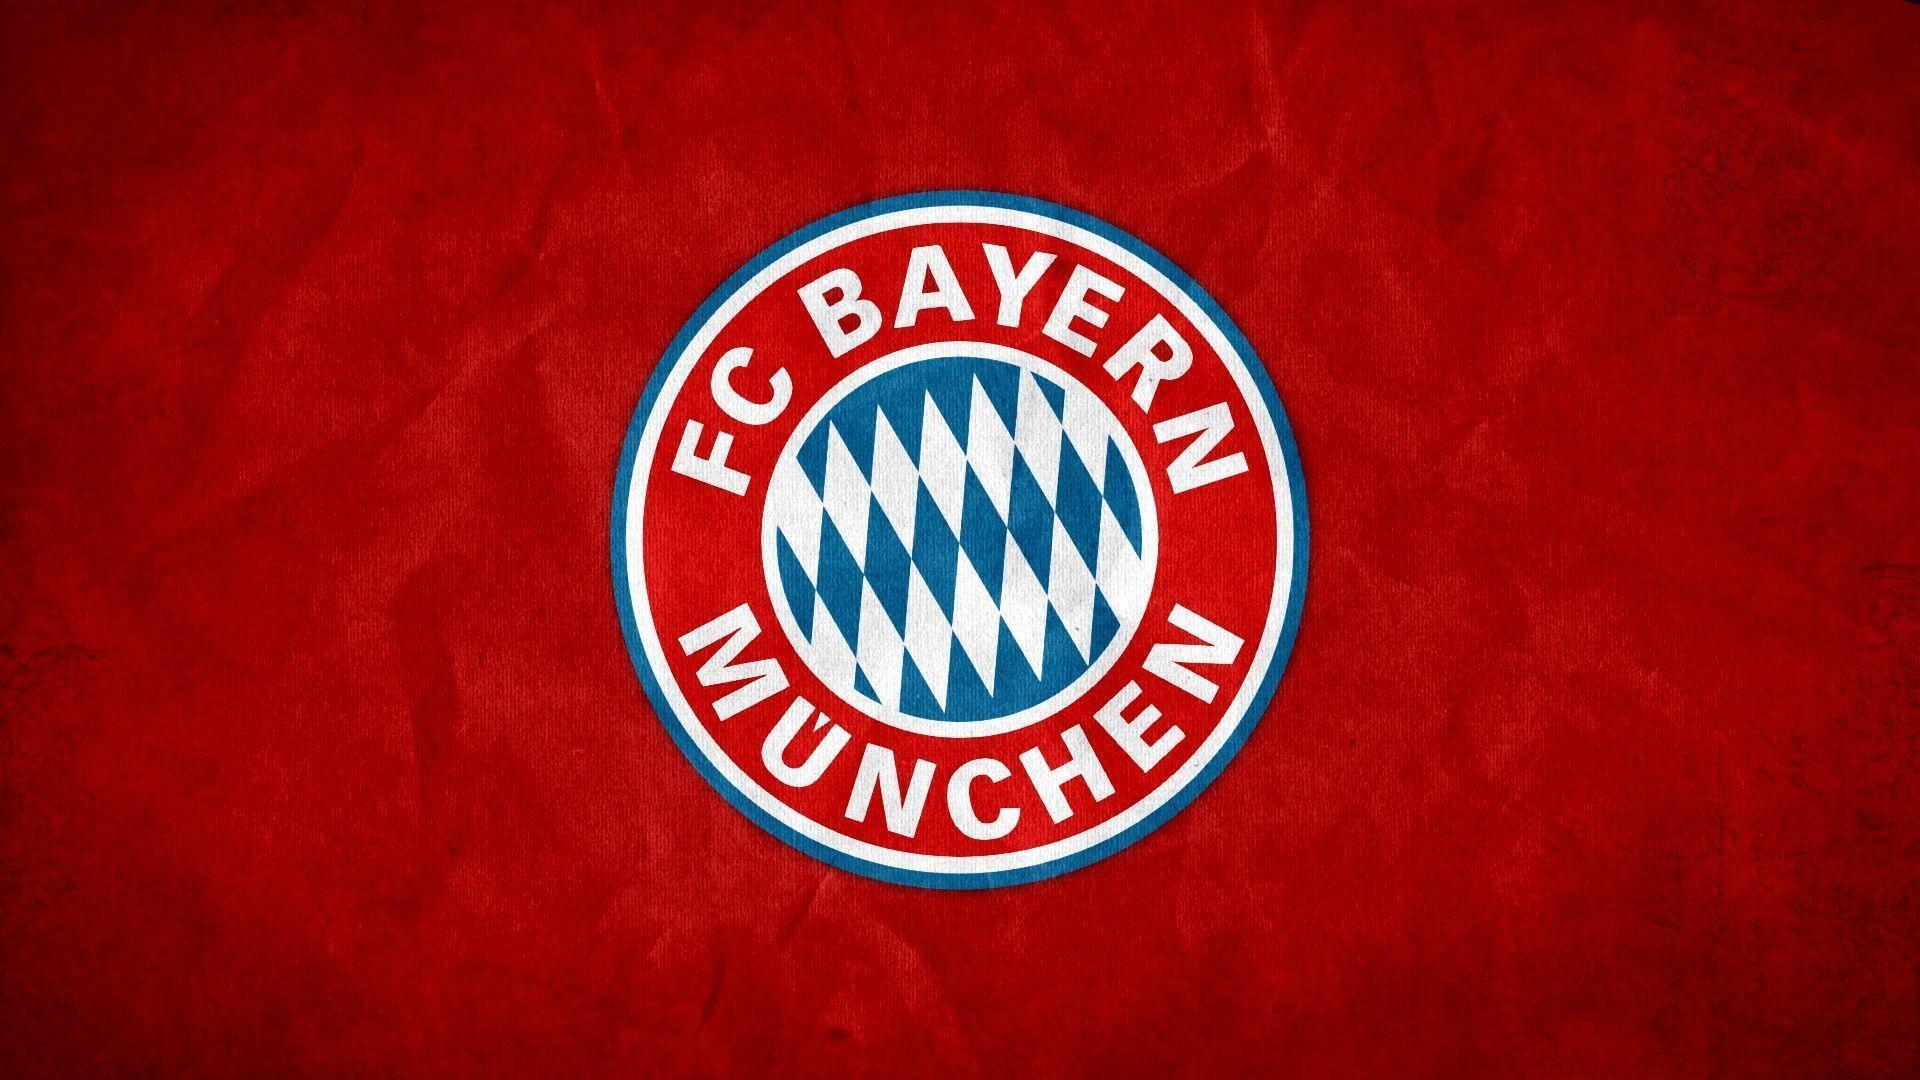 Bayern Munich FC Wallpaper   Bayern Munich Photos   New Wallpapers